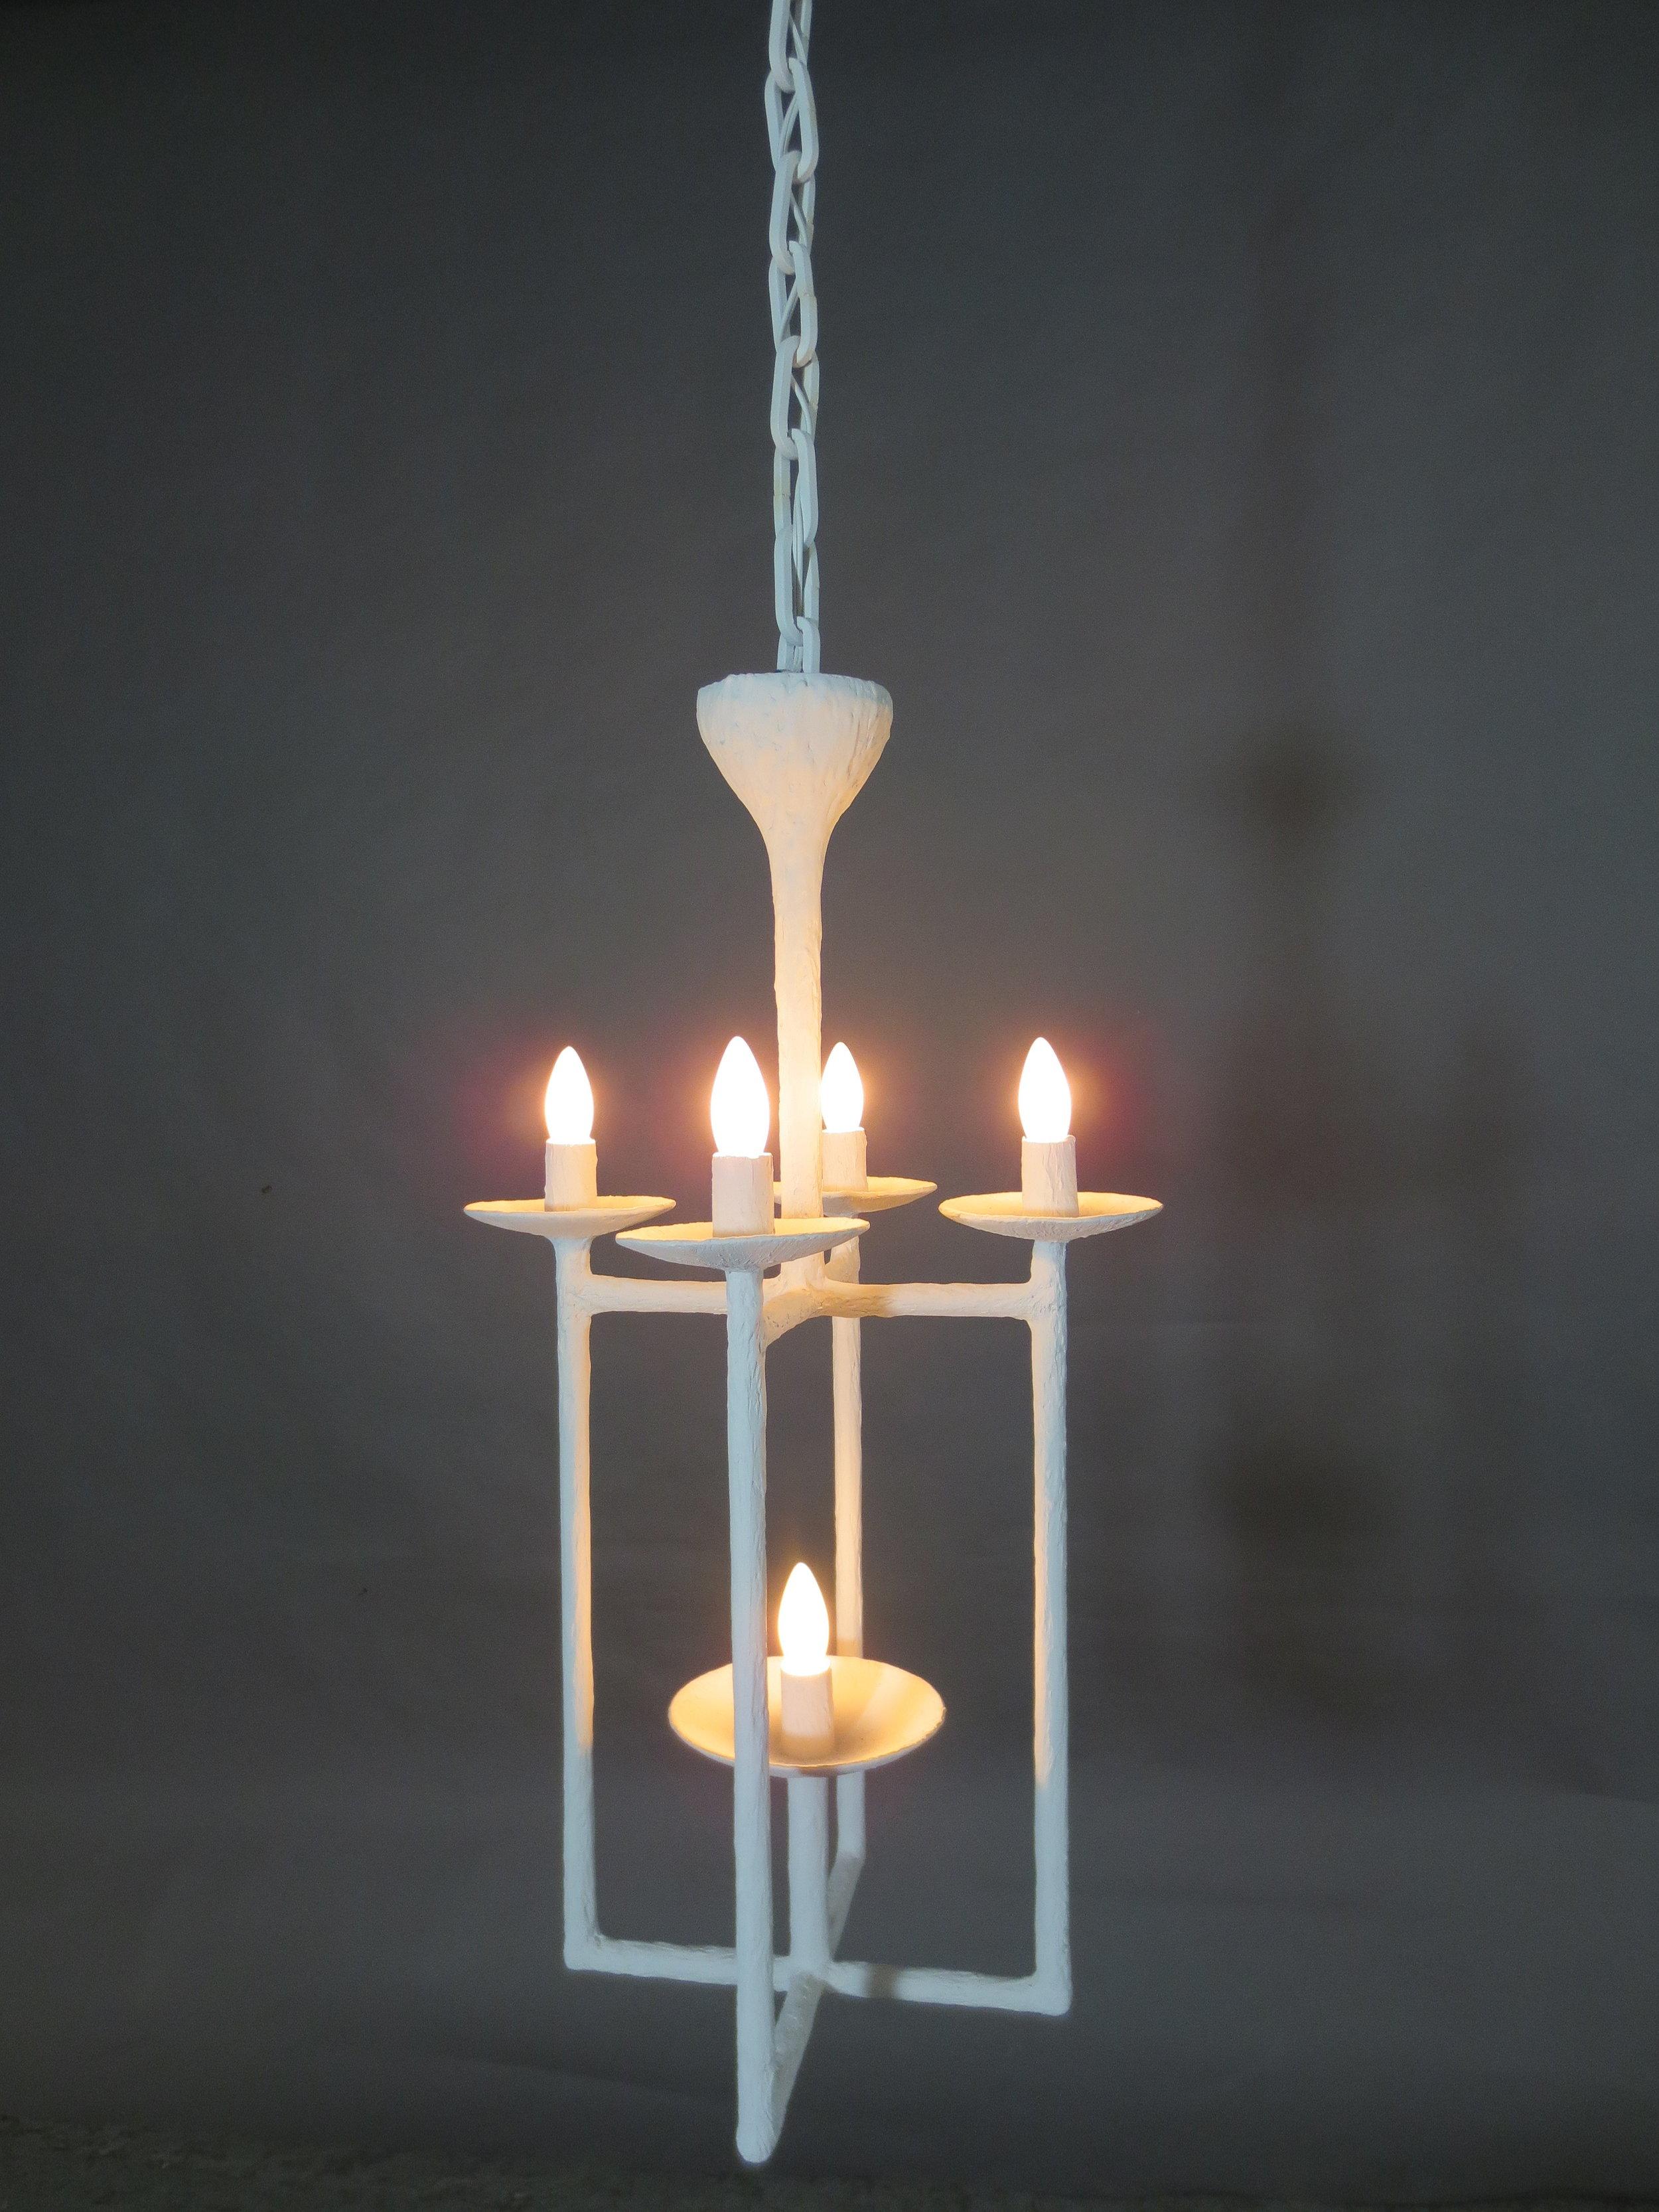 Lantern Chandelier with White Finish